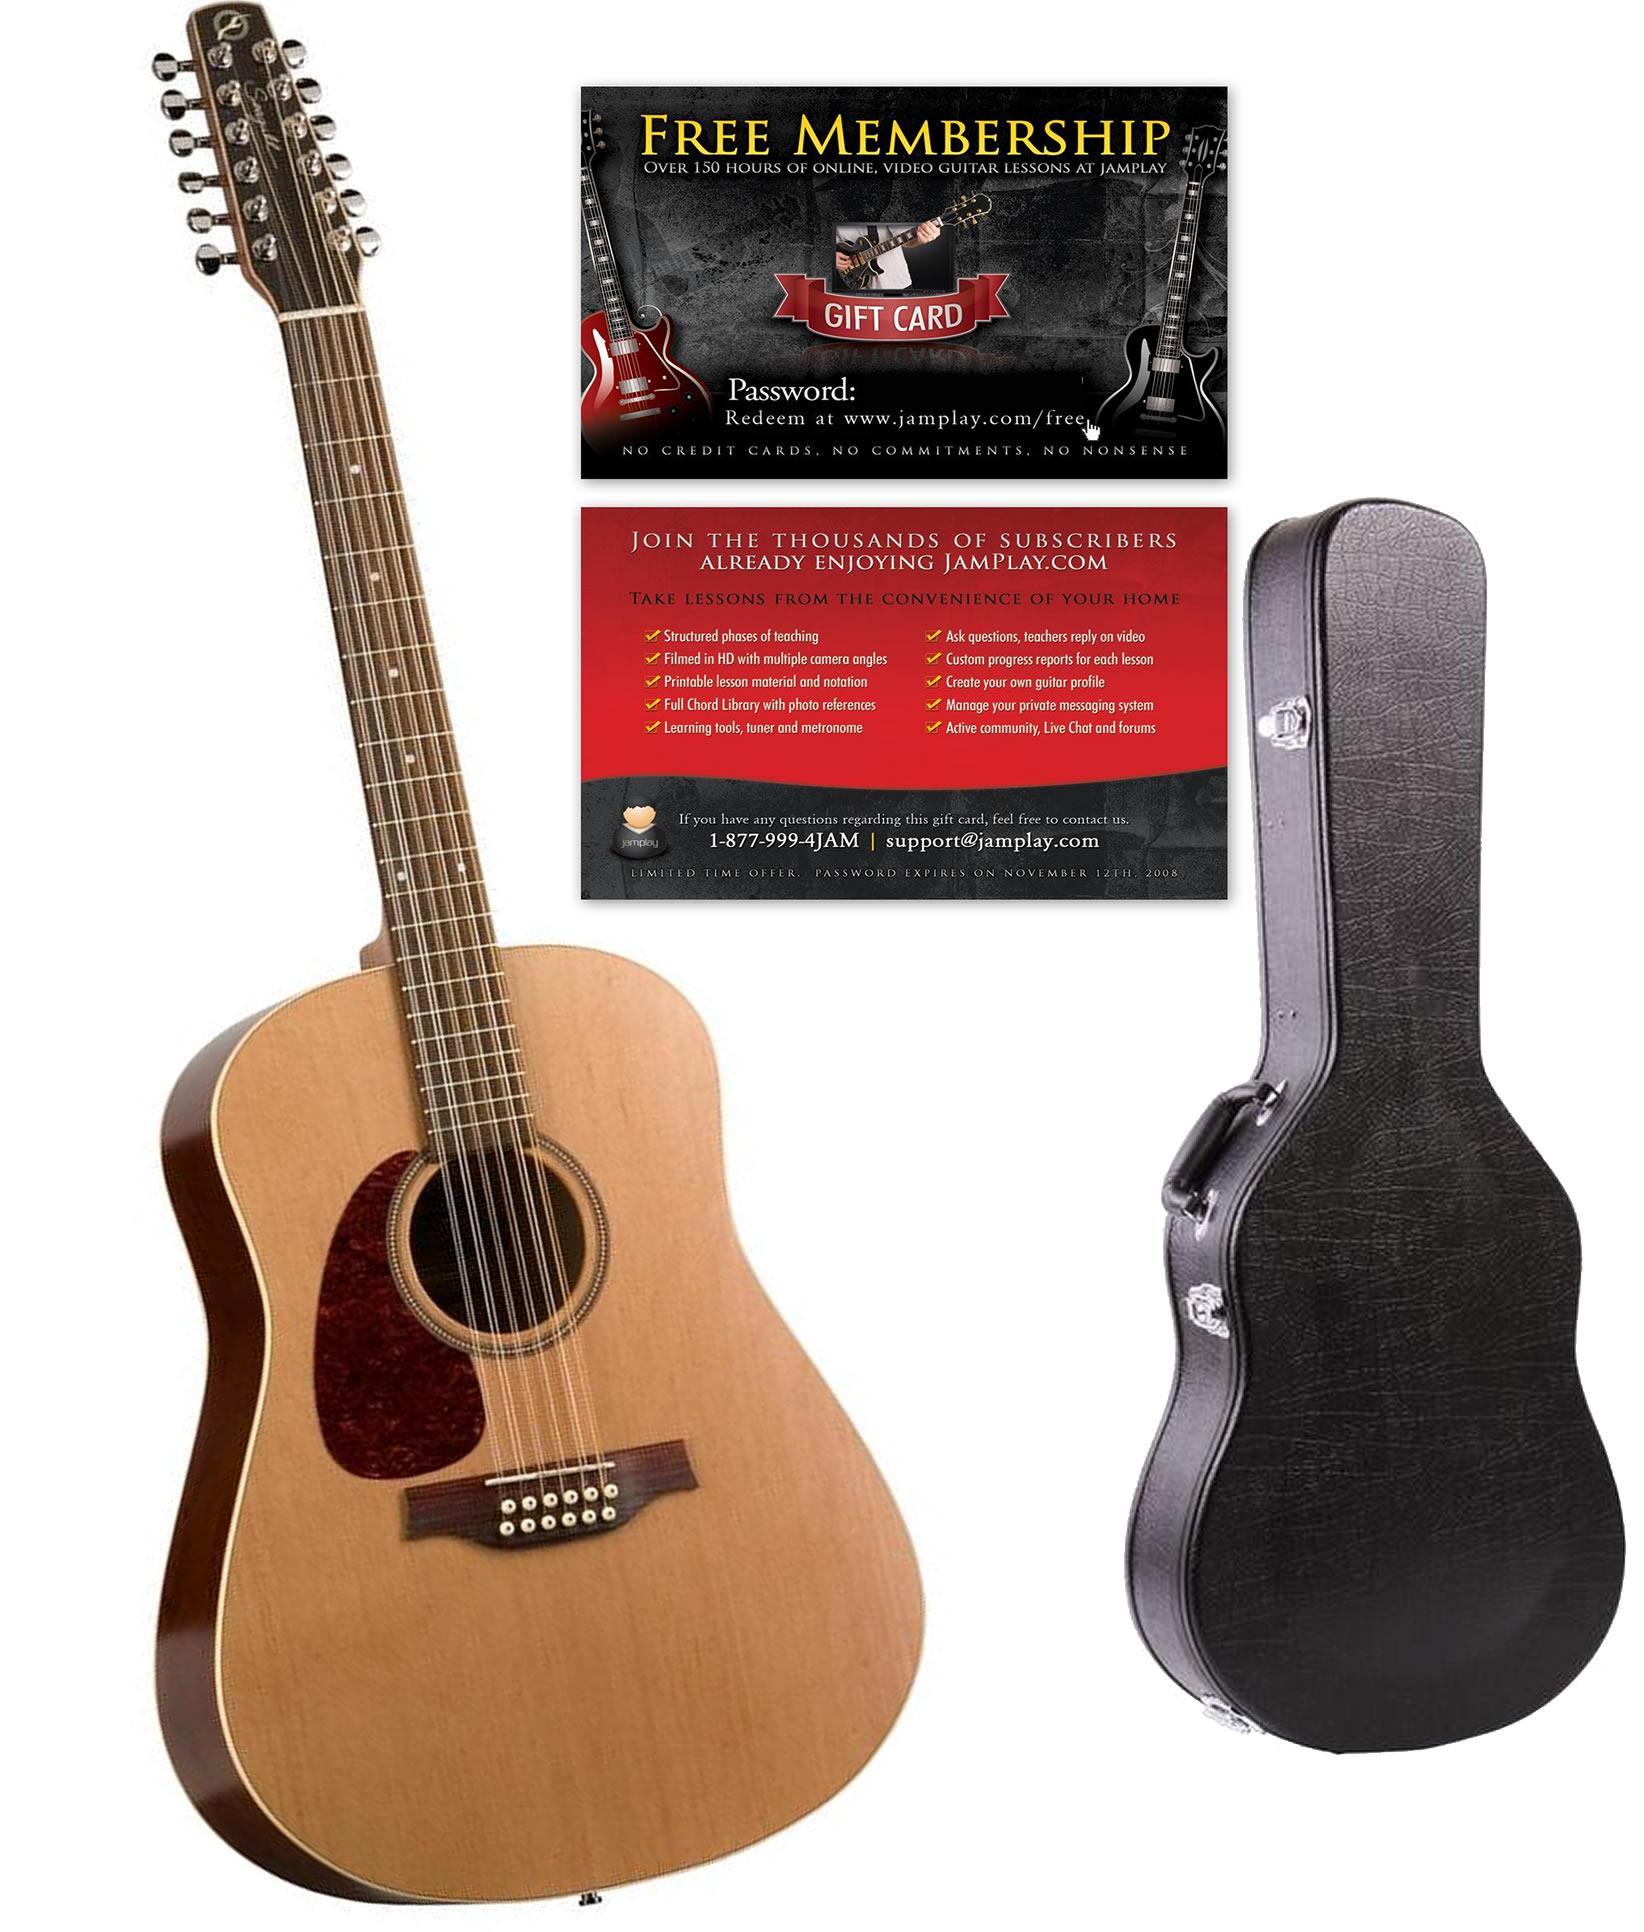 seagull coastline s12 12 string left handed acoustic guitar. Black Bedroom Furniture Sets. Home Design Ideas